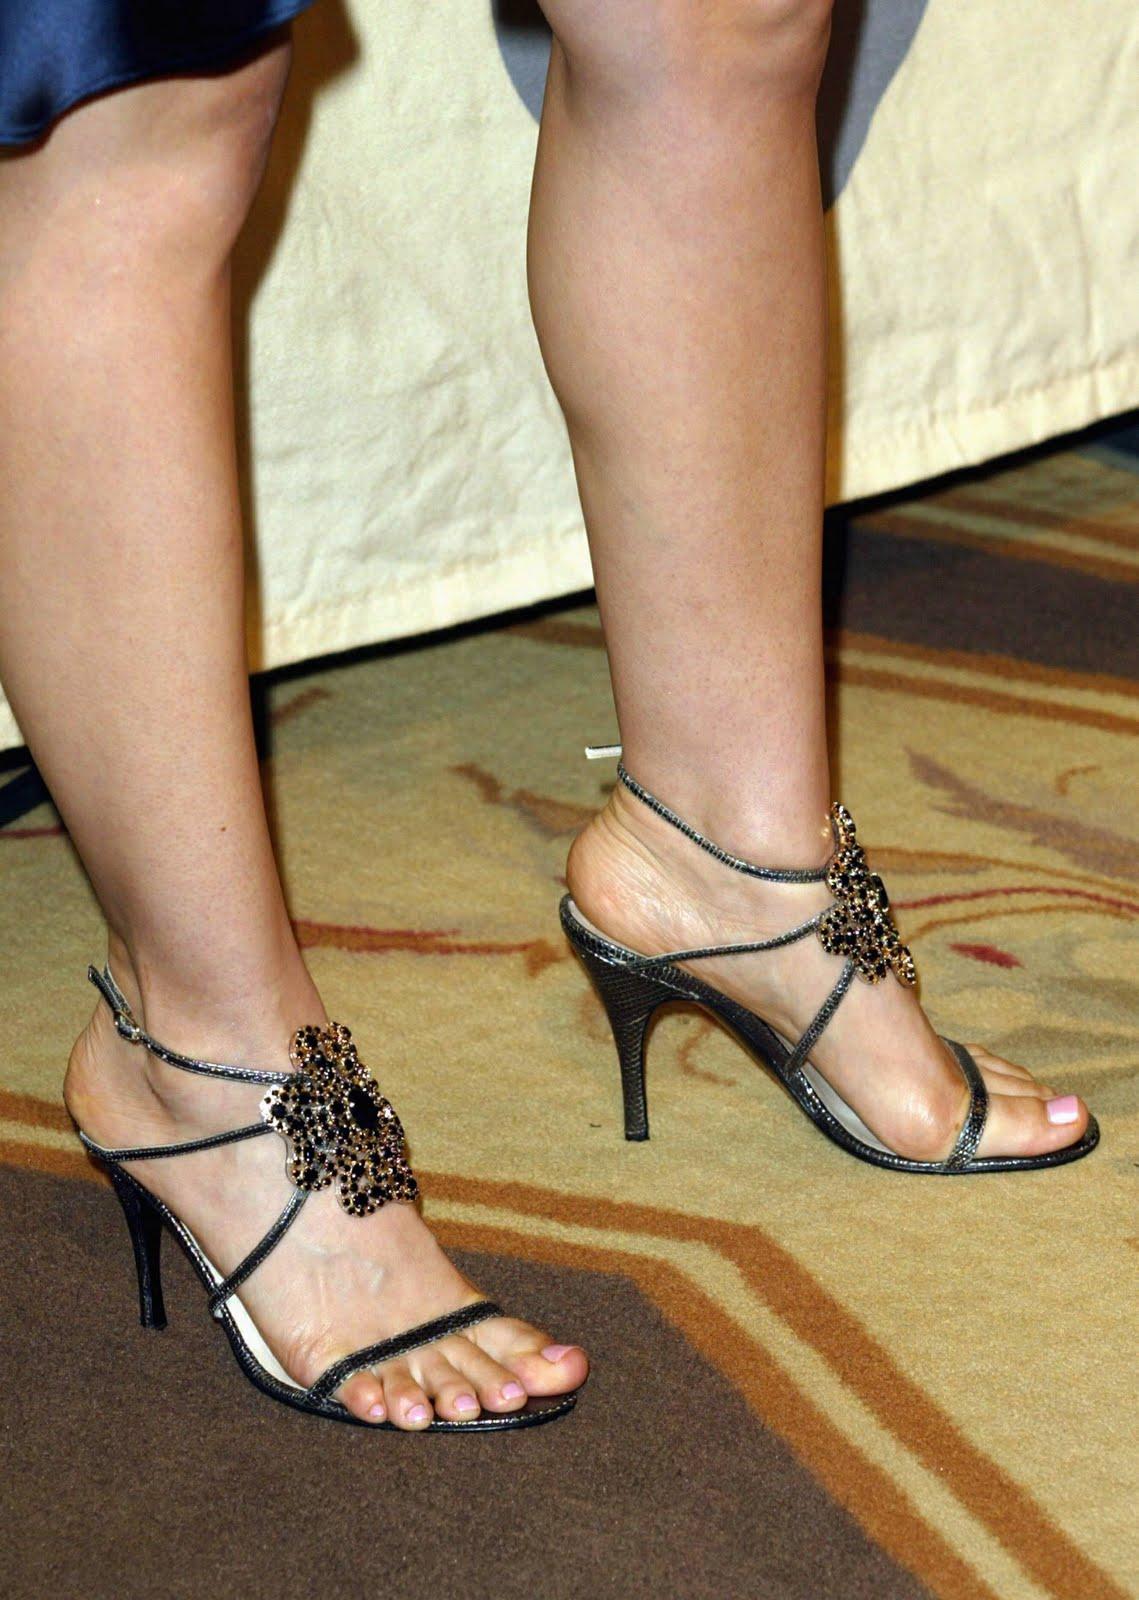 http://3.bp.blogspot.com/_UaLWp72nij4/TAlmYL8XkmI/AAAAAAAAN5o/j7JGSTQNKik/s1600/mena-suvari-feet.jpg